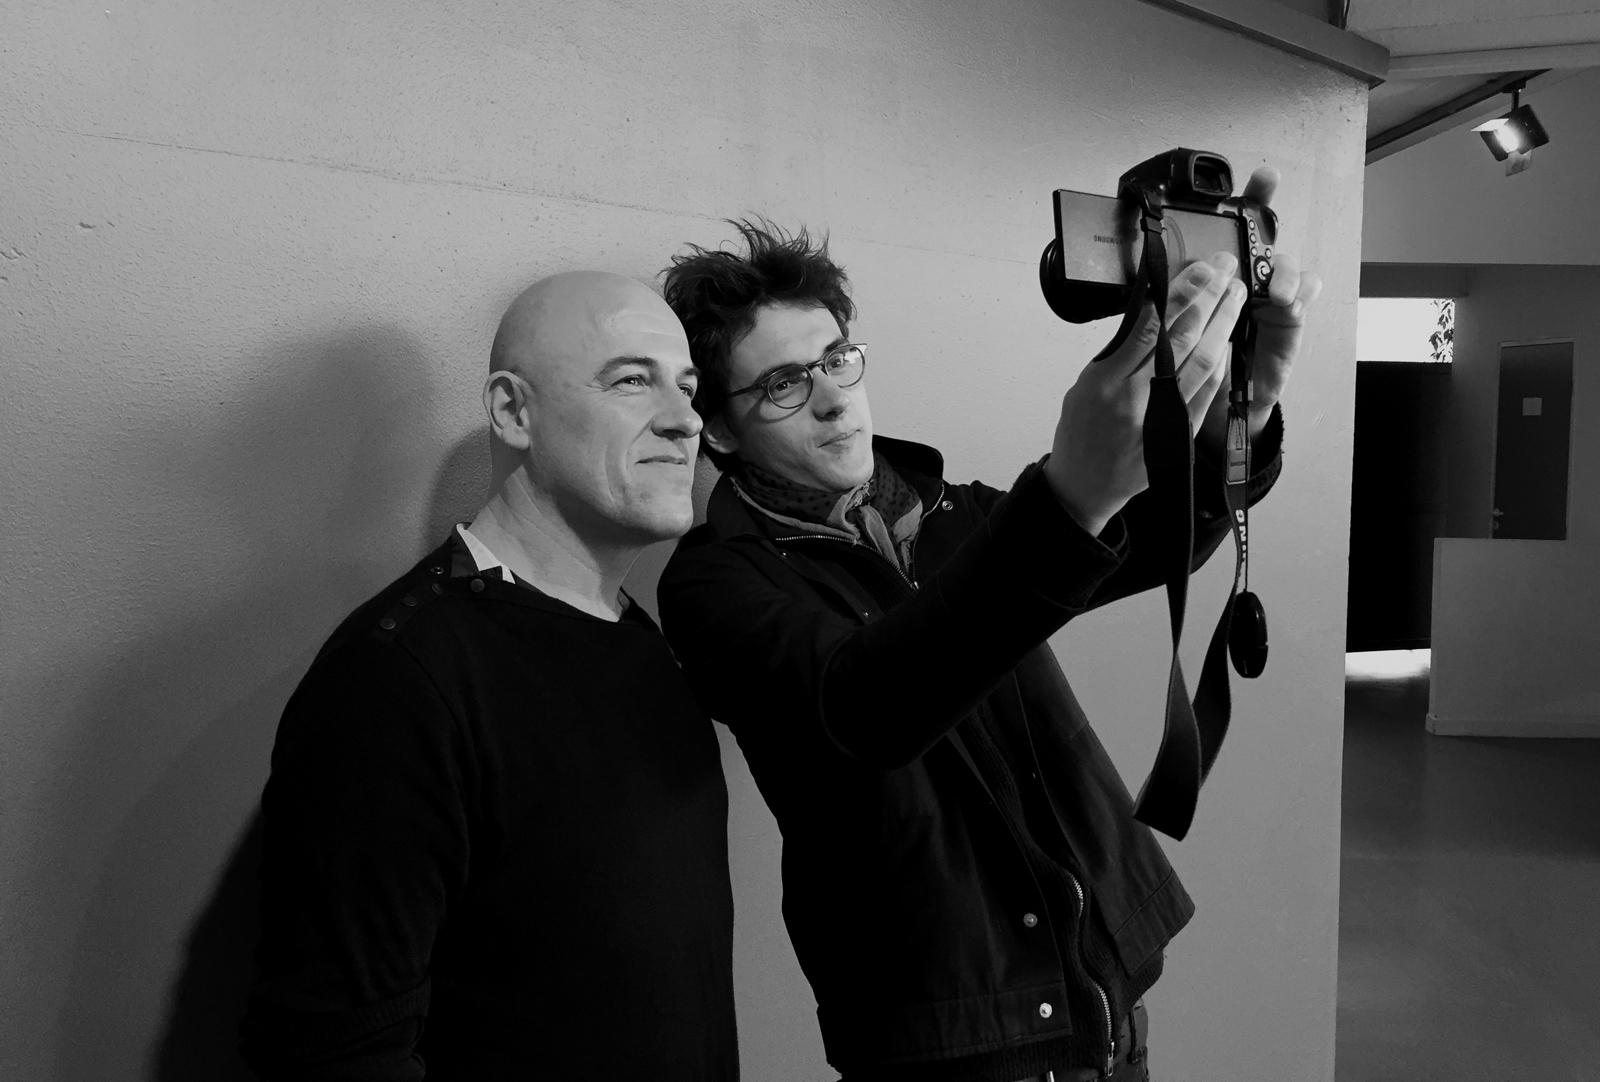 Dominique A et Pierre Guénard radio elvis séance photo selfie pour usofparis blog Printemps de Bourges 2016 40 ans festival musique